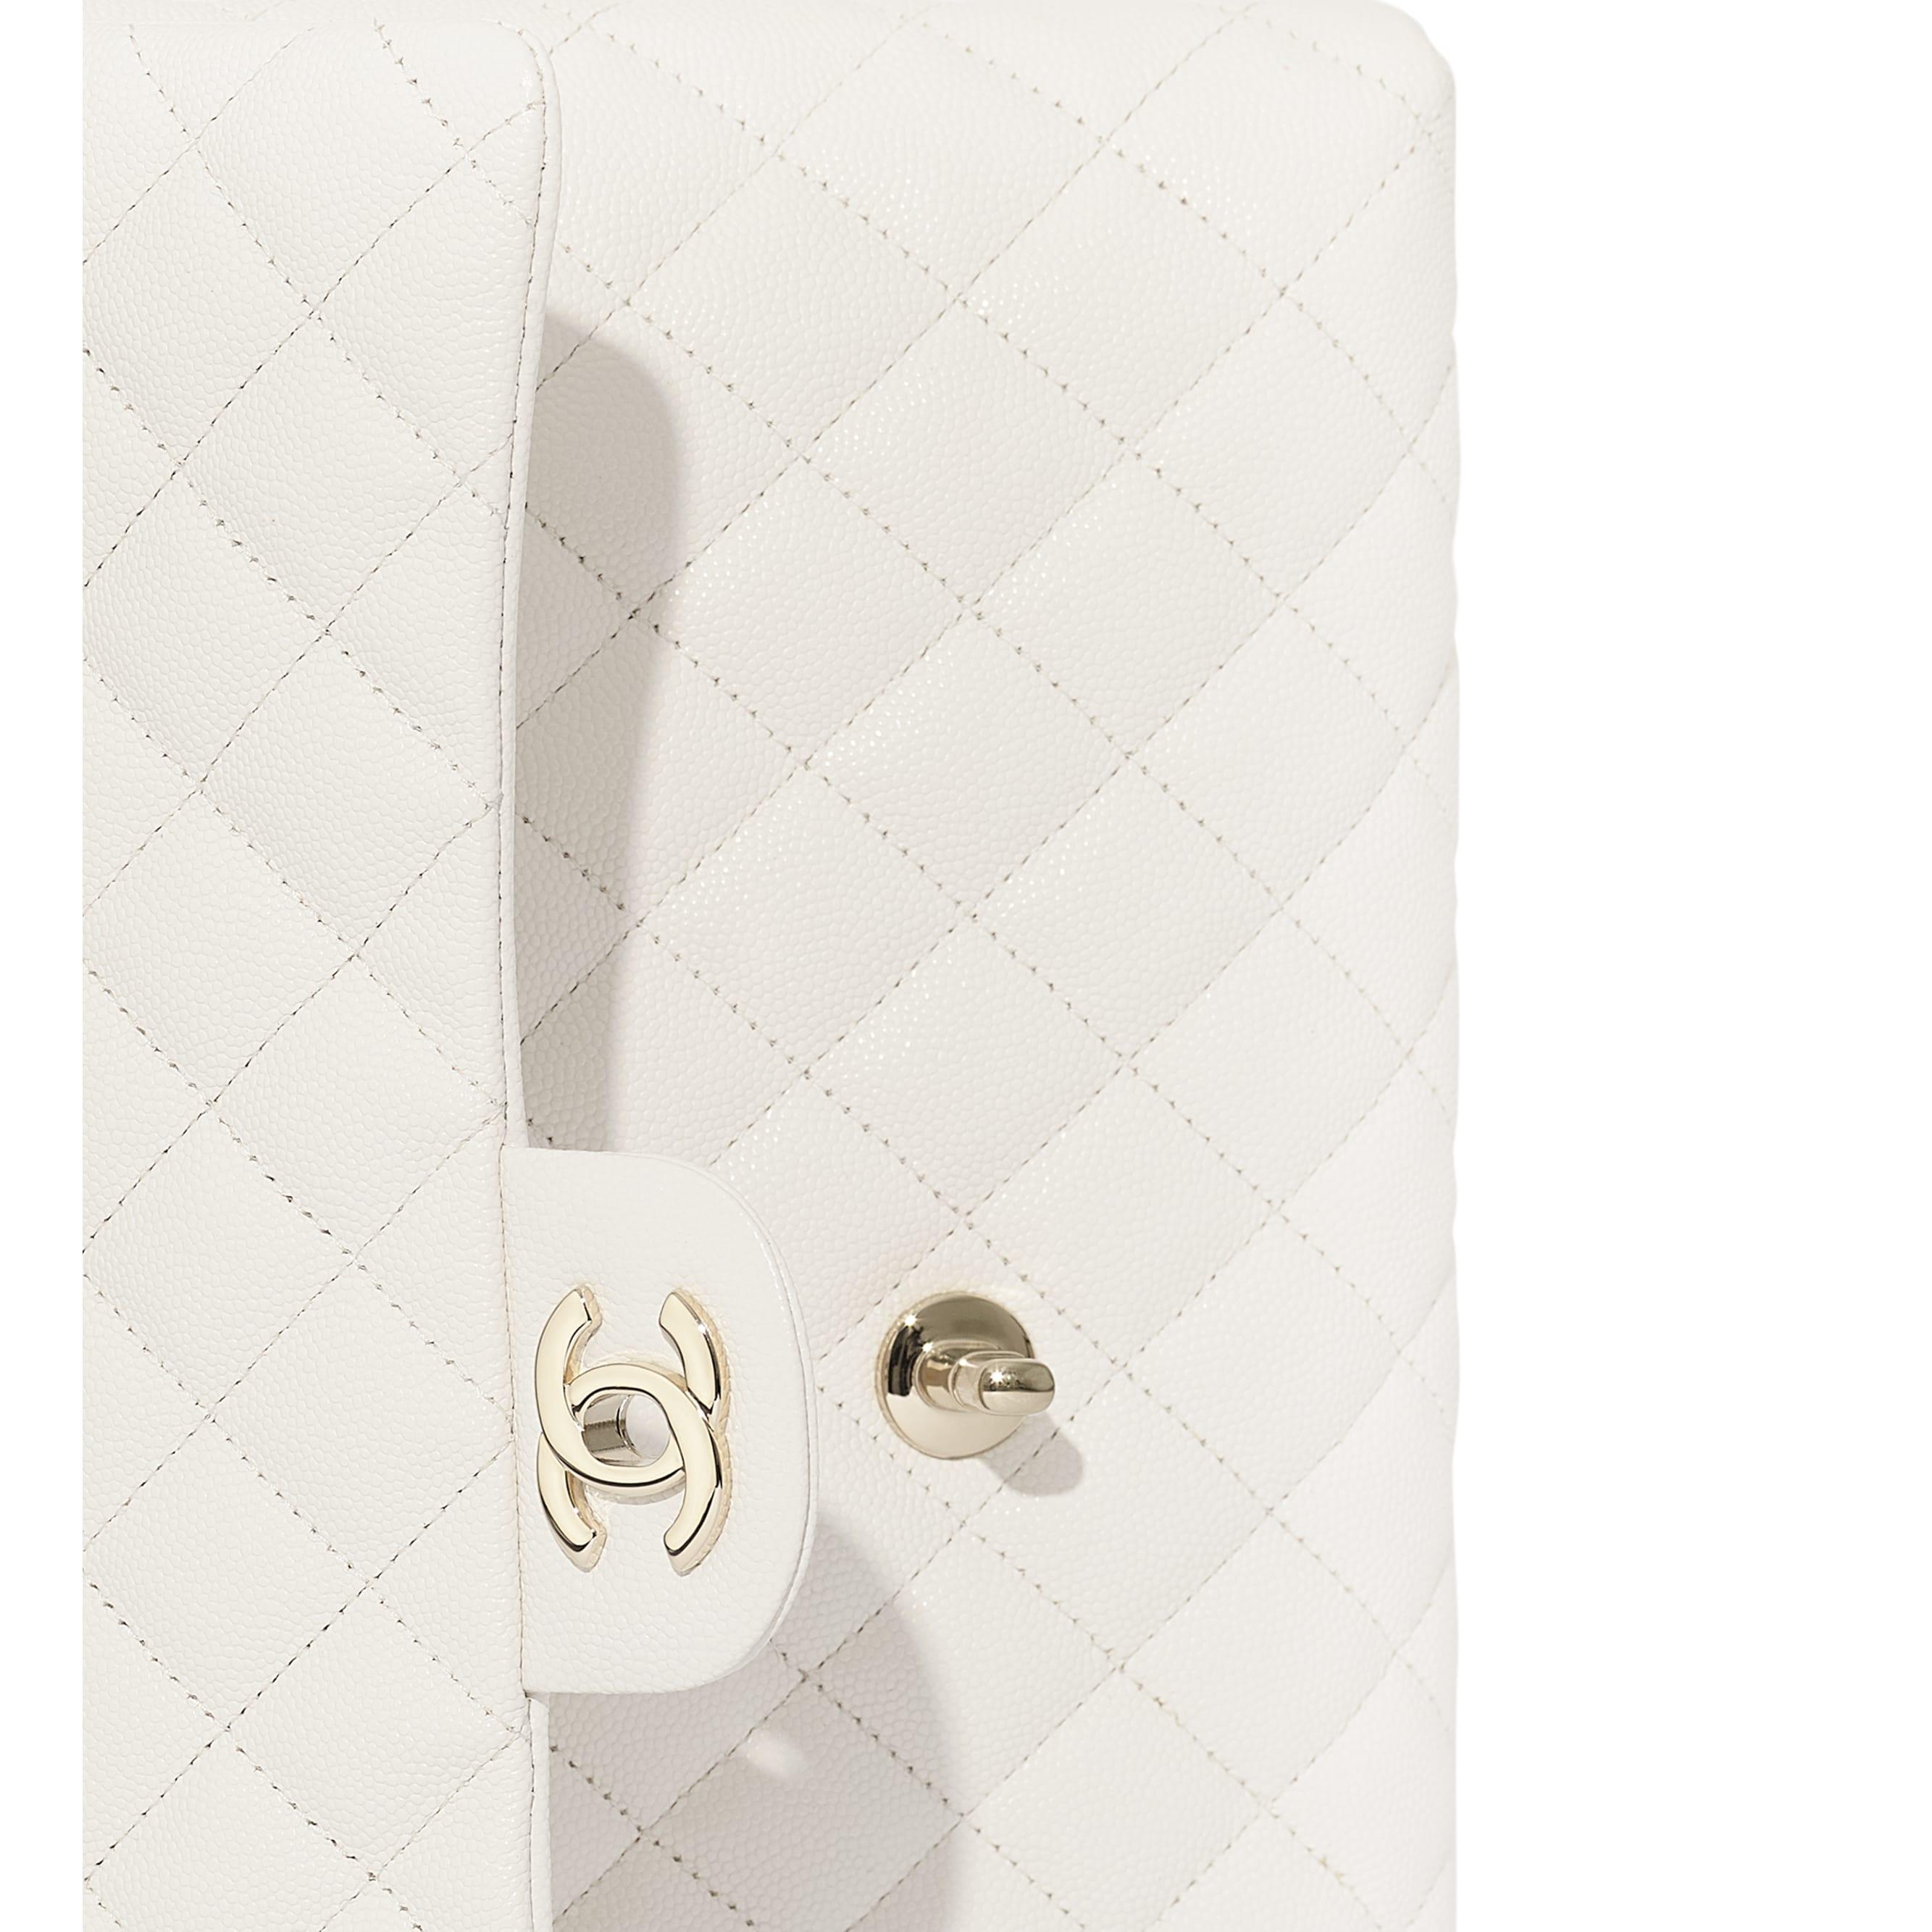 กระเป๋าคลัทช์ - สีขาว - หนังลูกวัวลายเกรน, โลหะสีทอง - มุมมองพิเศษ - ดูเวอร์ชันขนาดมาตรฐาน